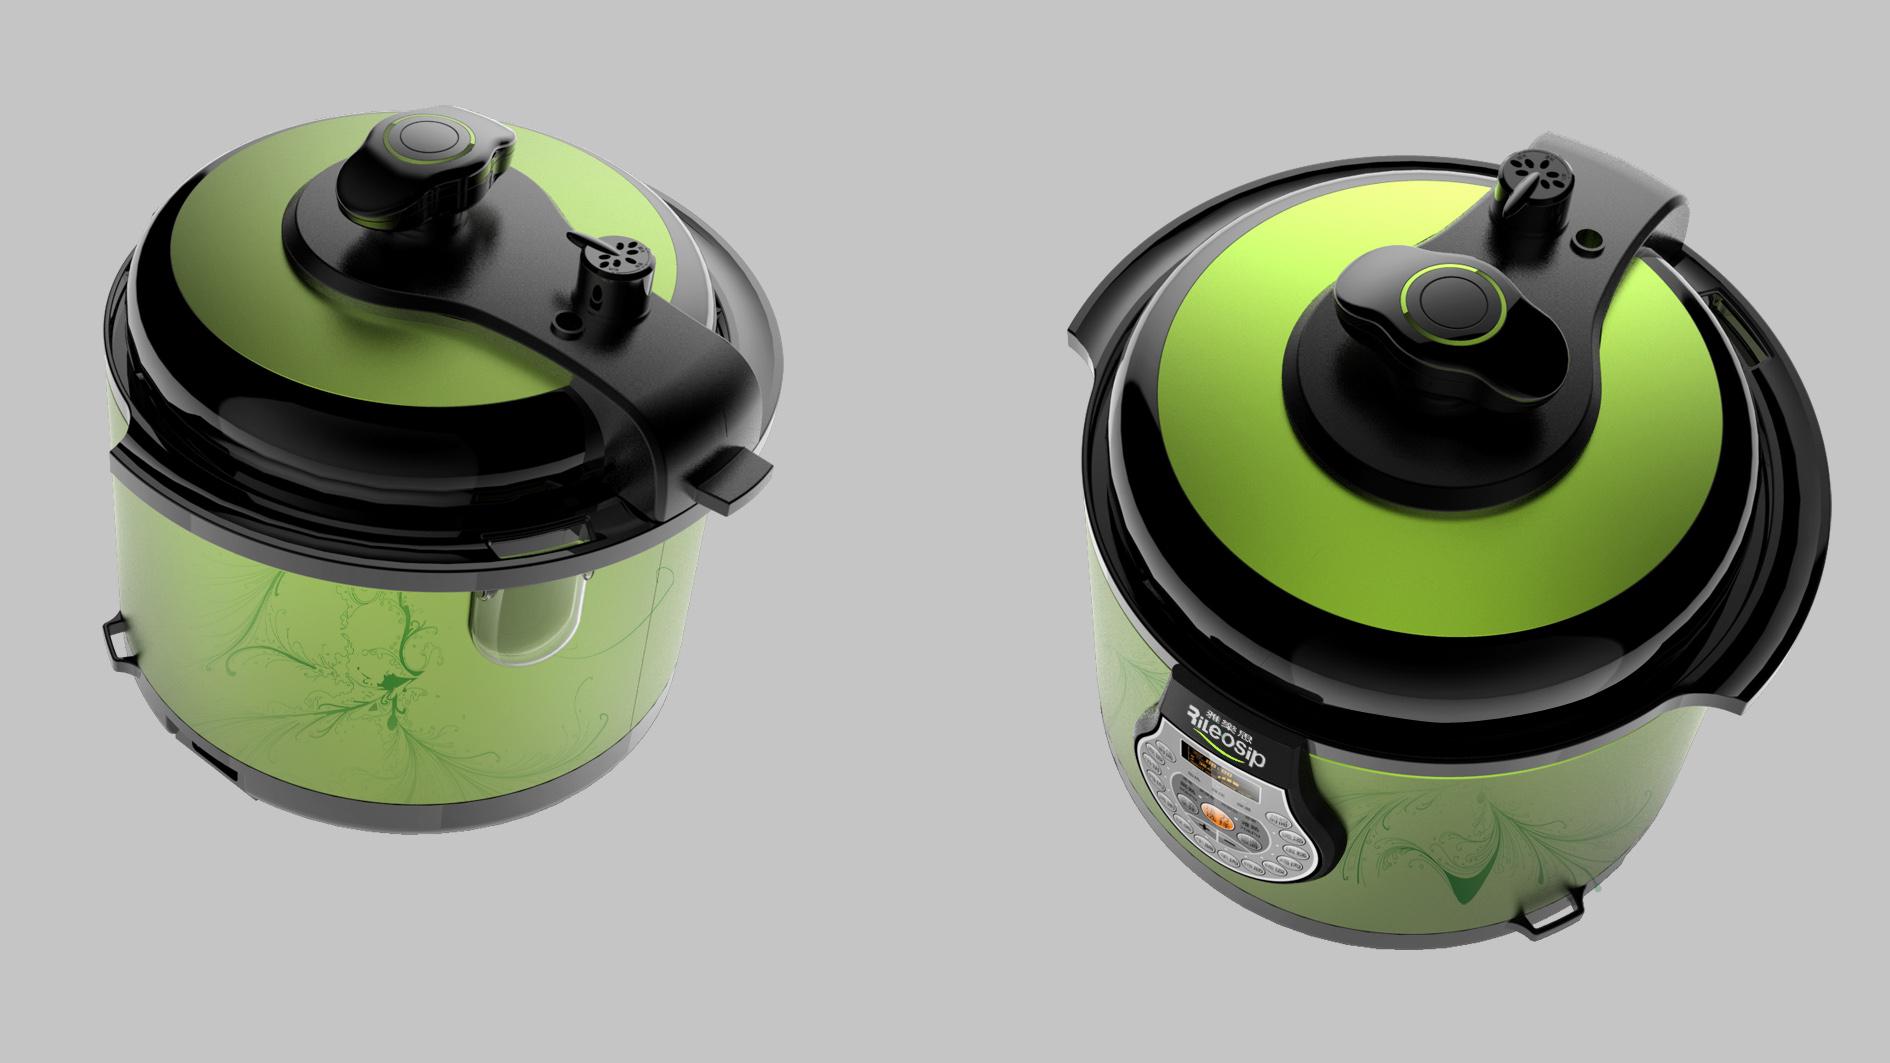 半塑传统控压力锅3_产品设计-来设计